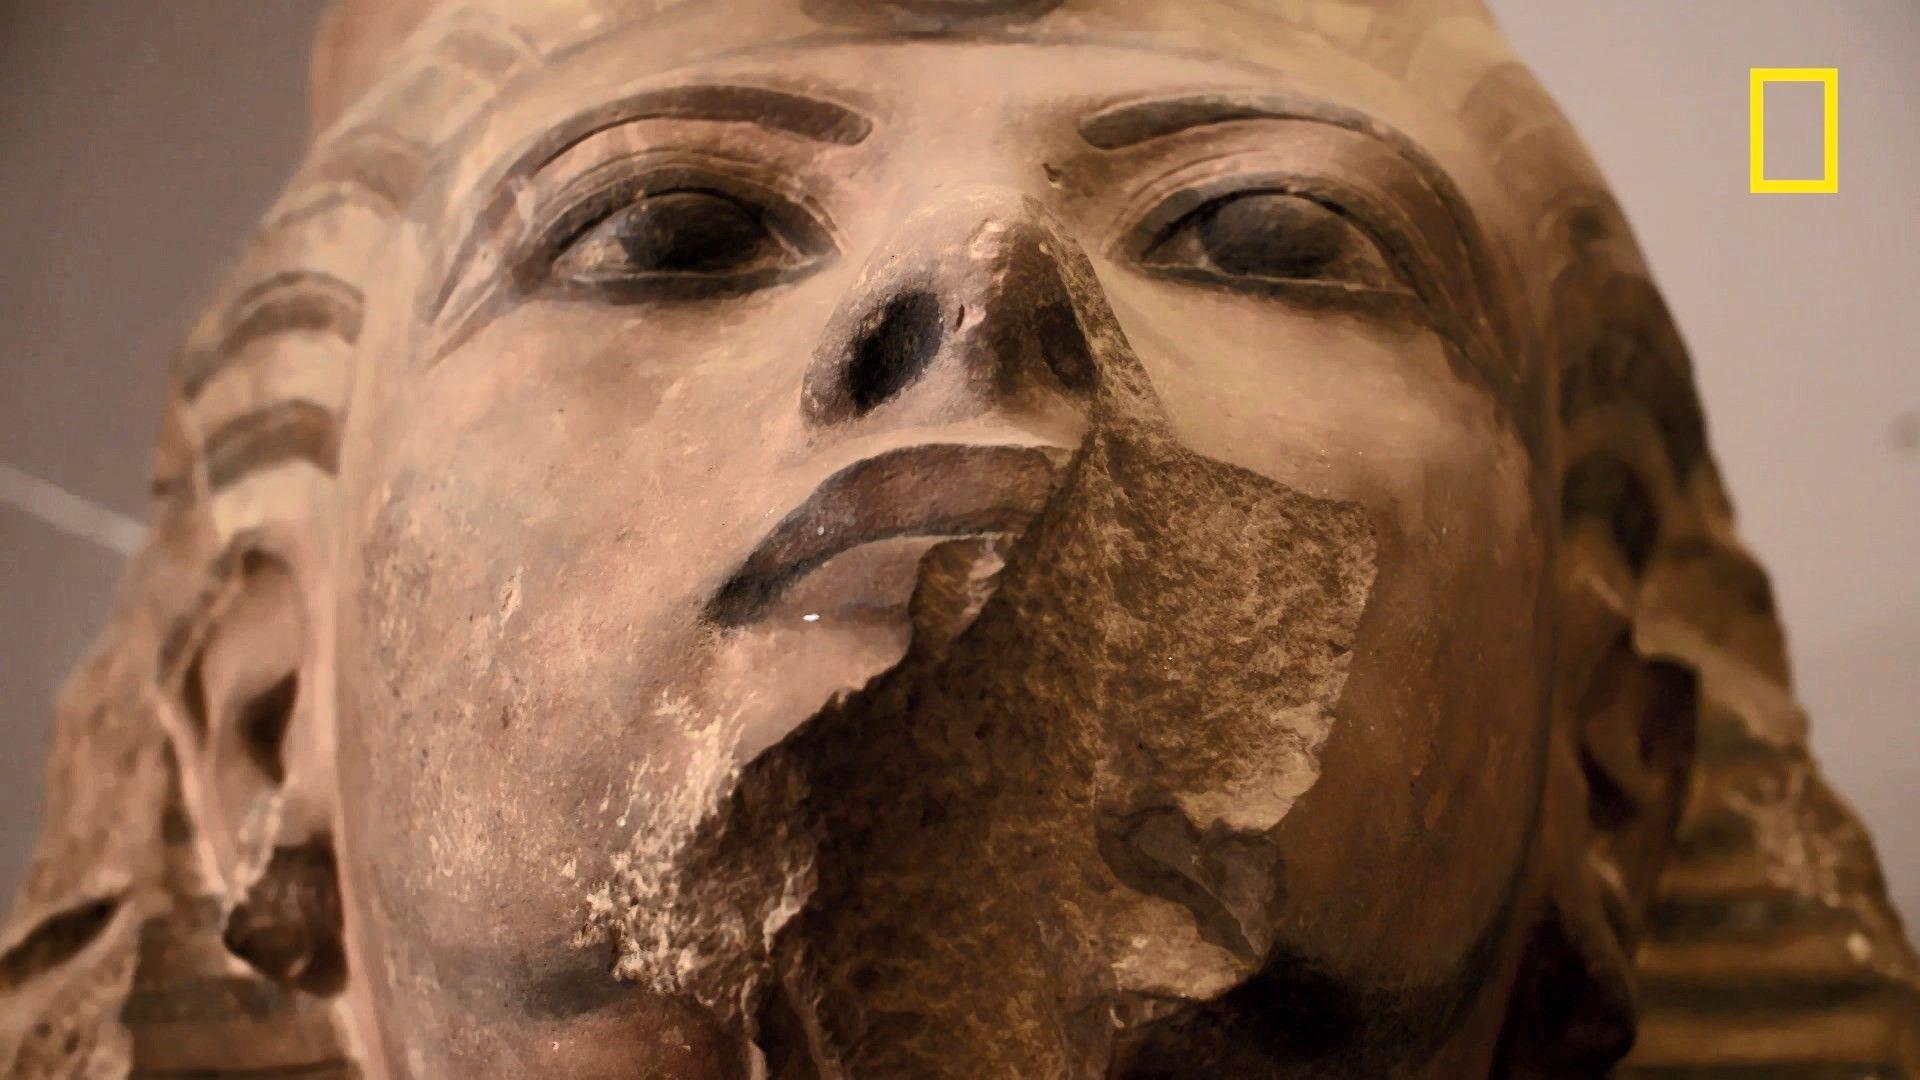 Le tombeau de Toutankhâmon a-t-il été usurpé ? | National Geographic